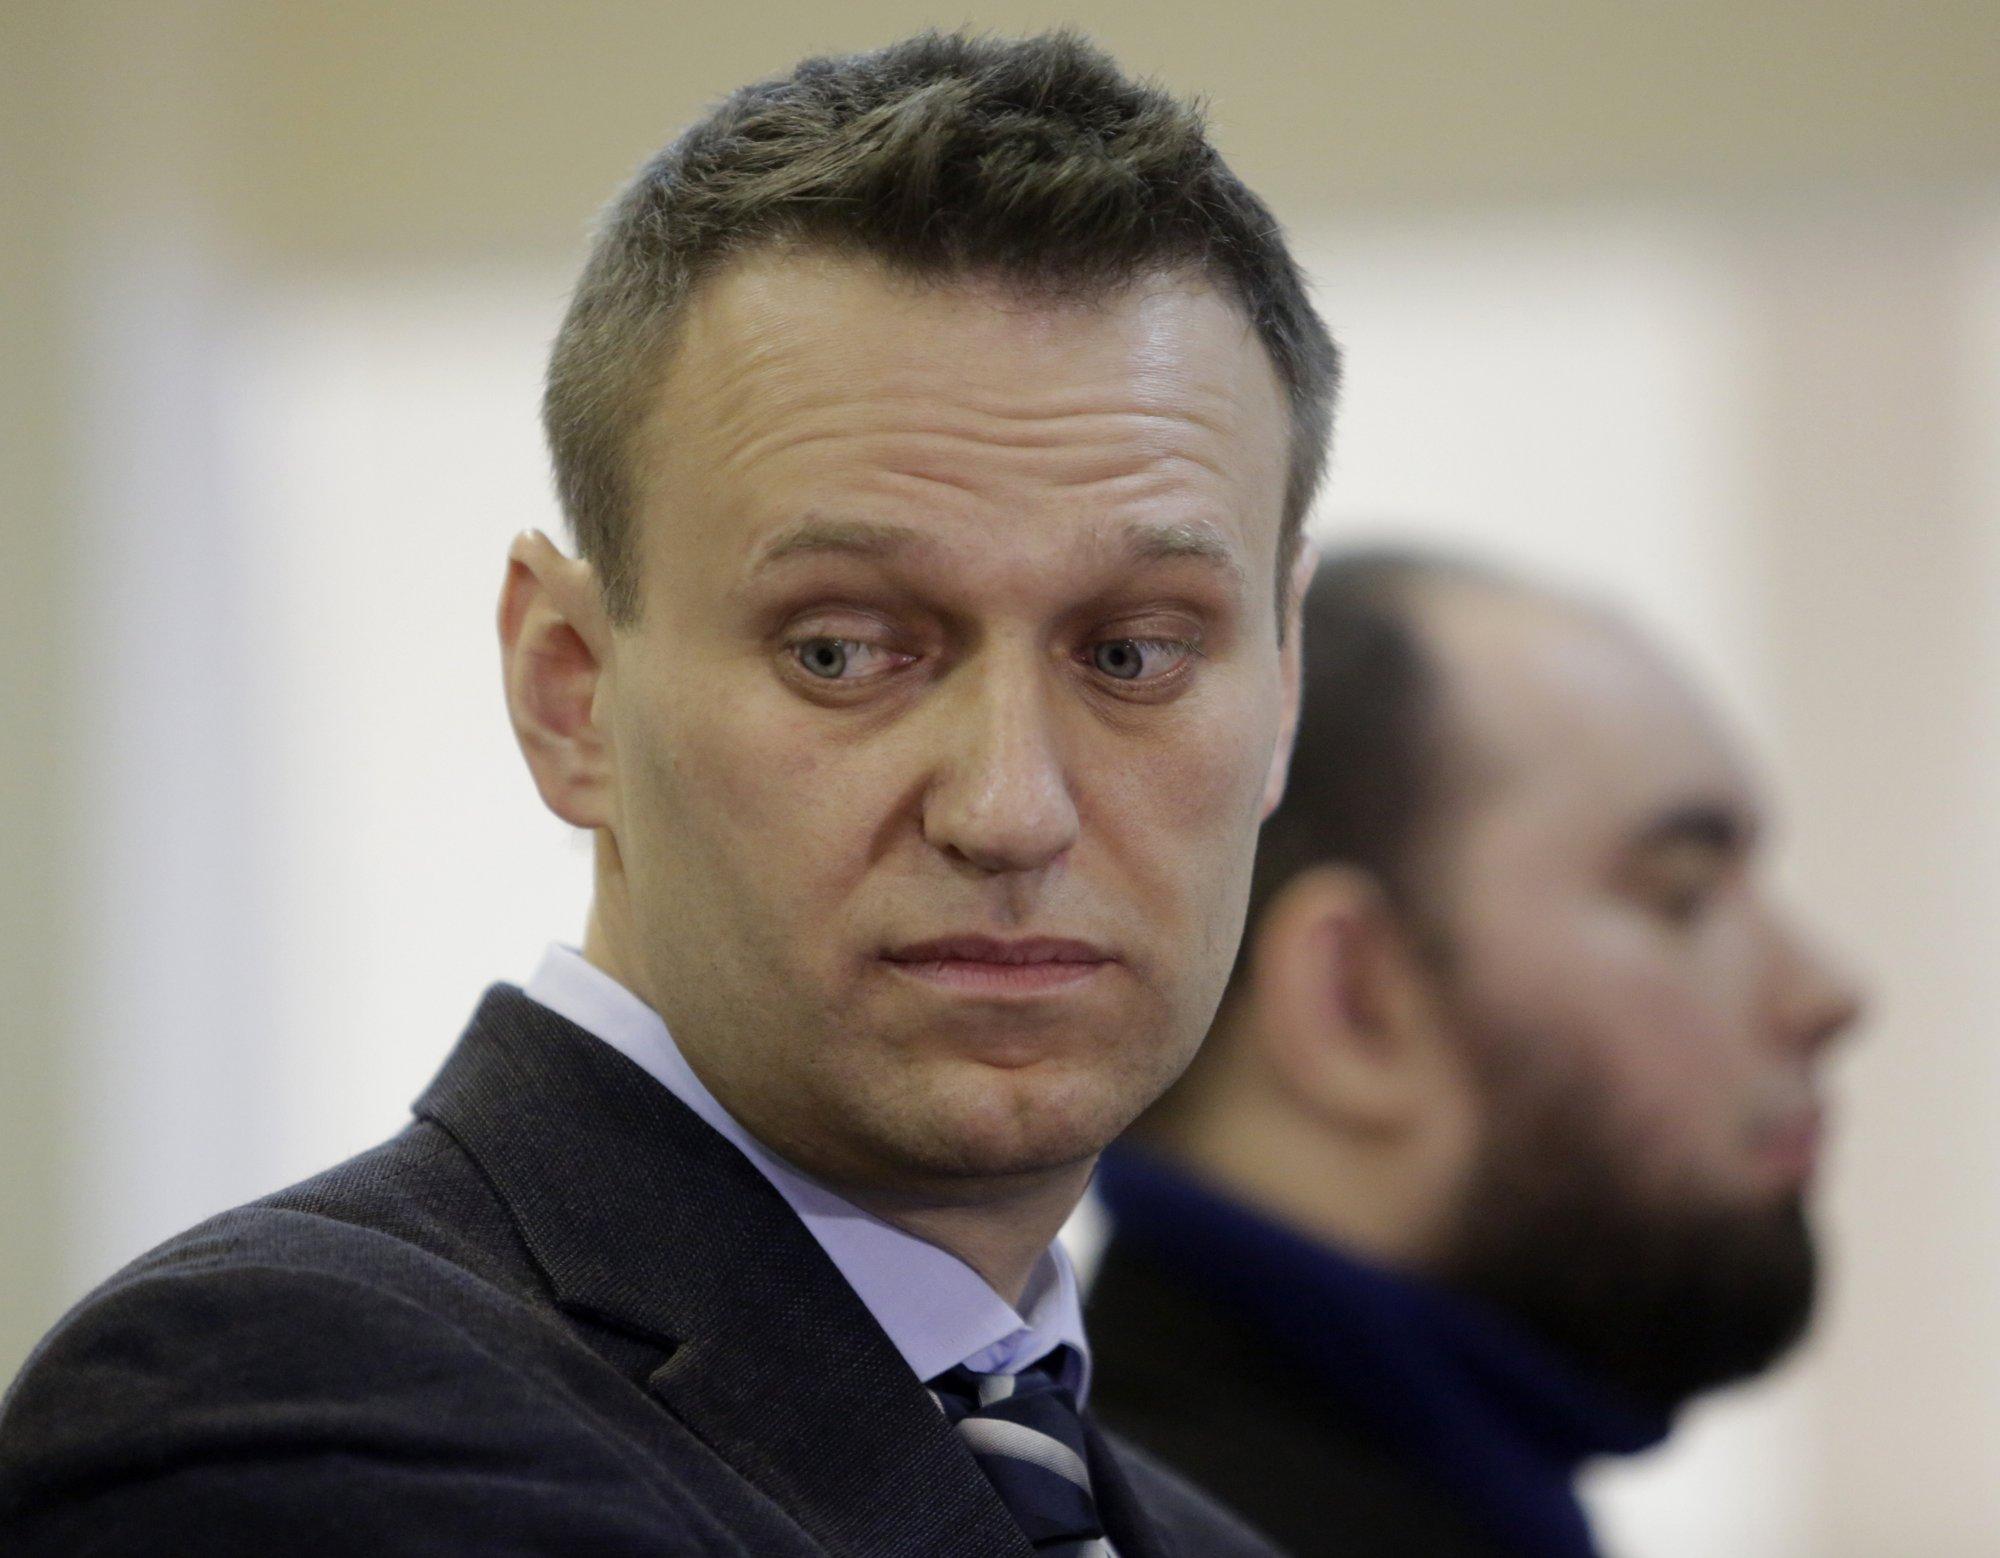 Олег Лурье выдвинут кандидатом впрезиденты Российской Федерации